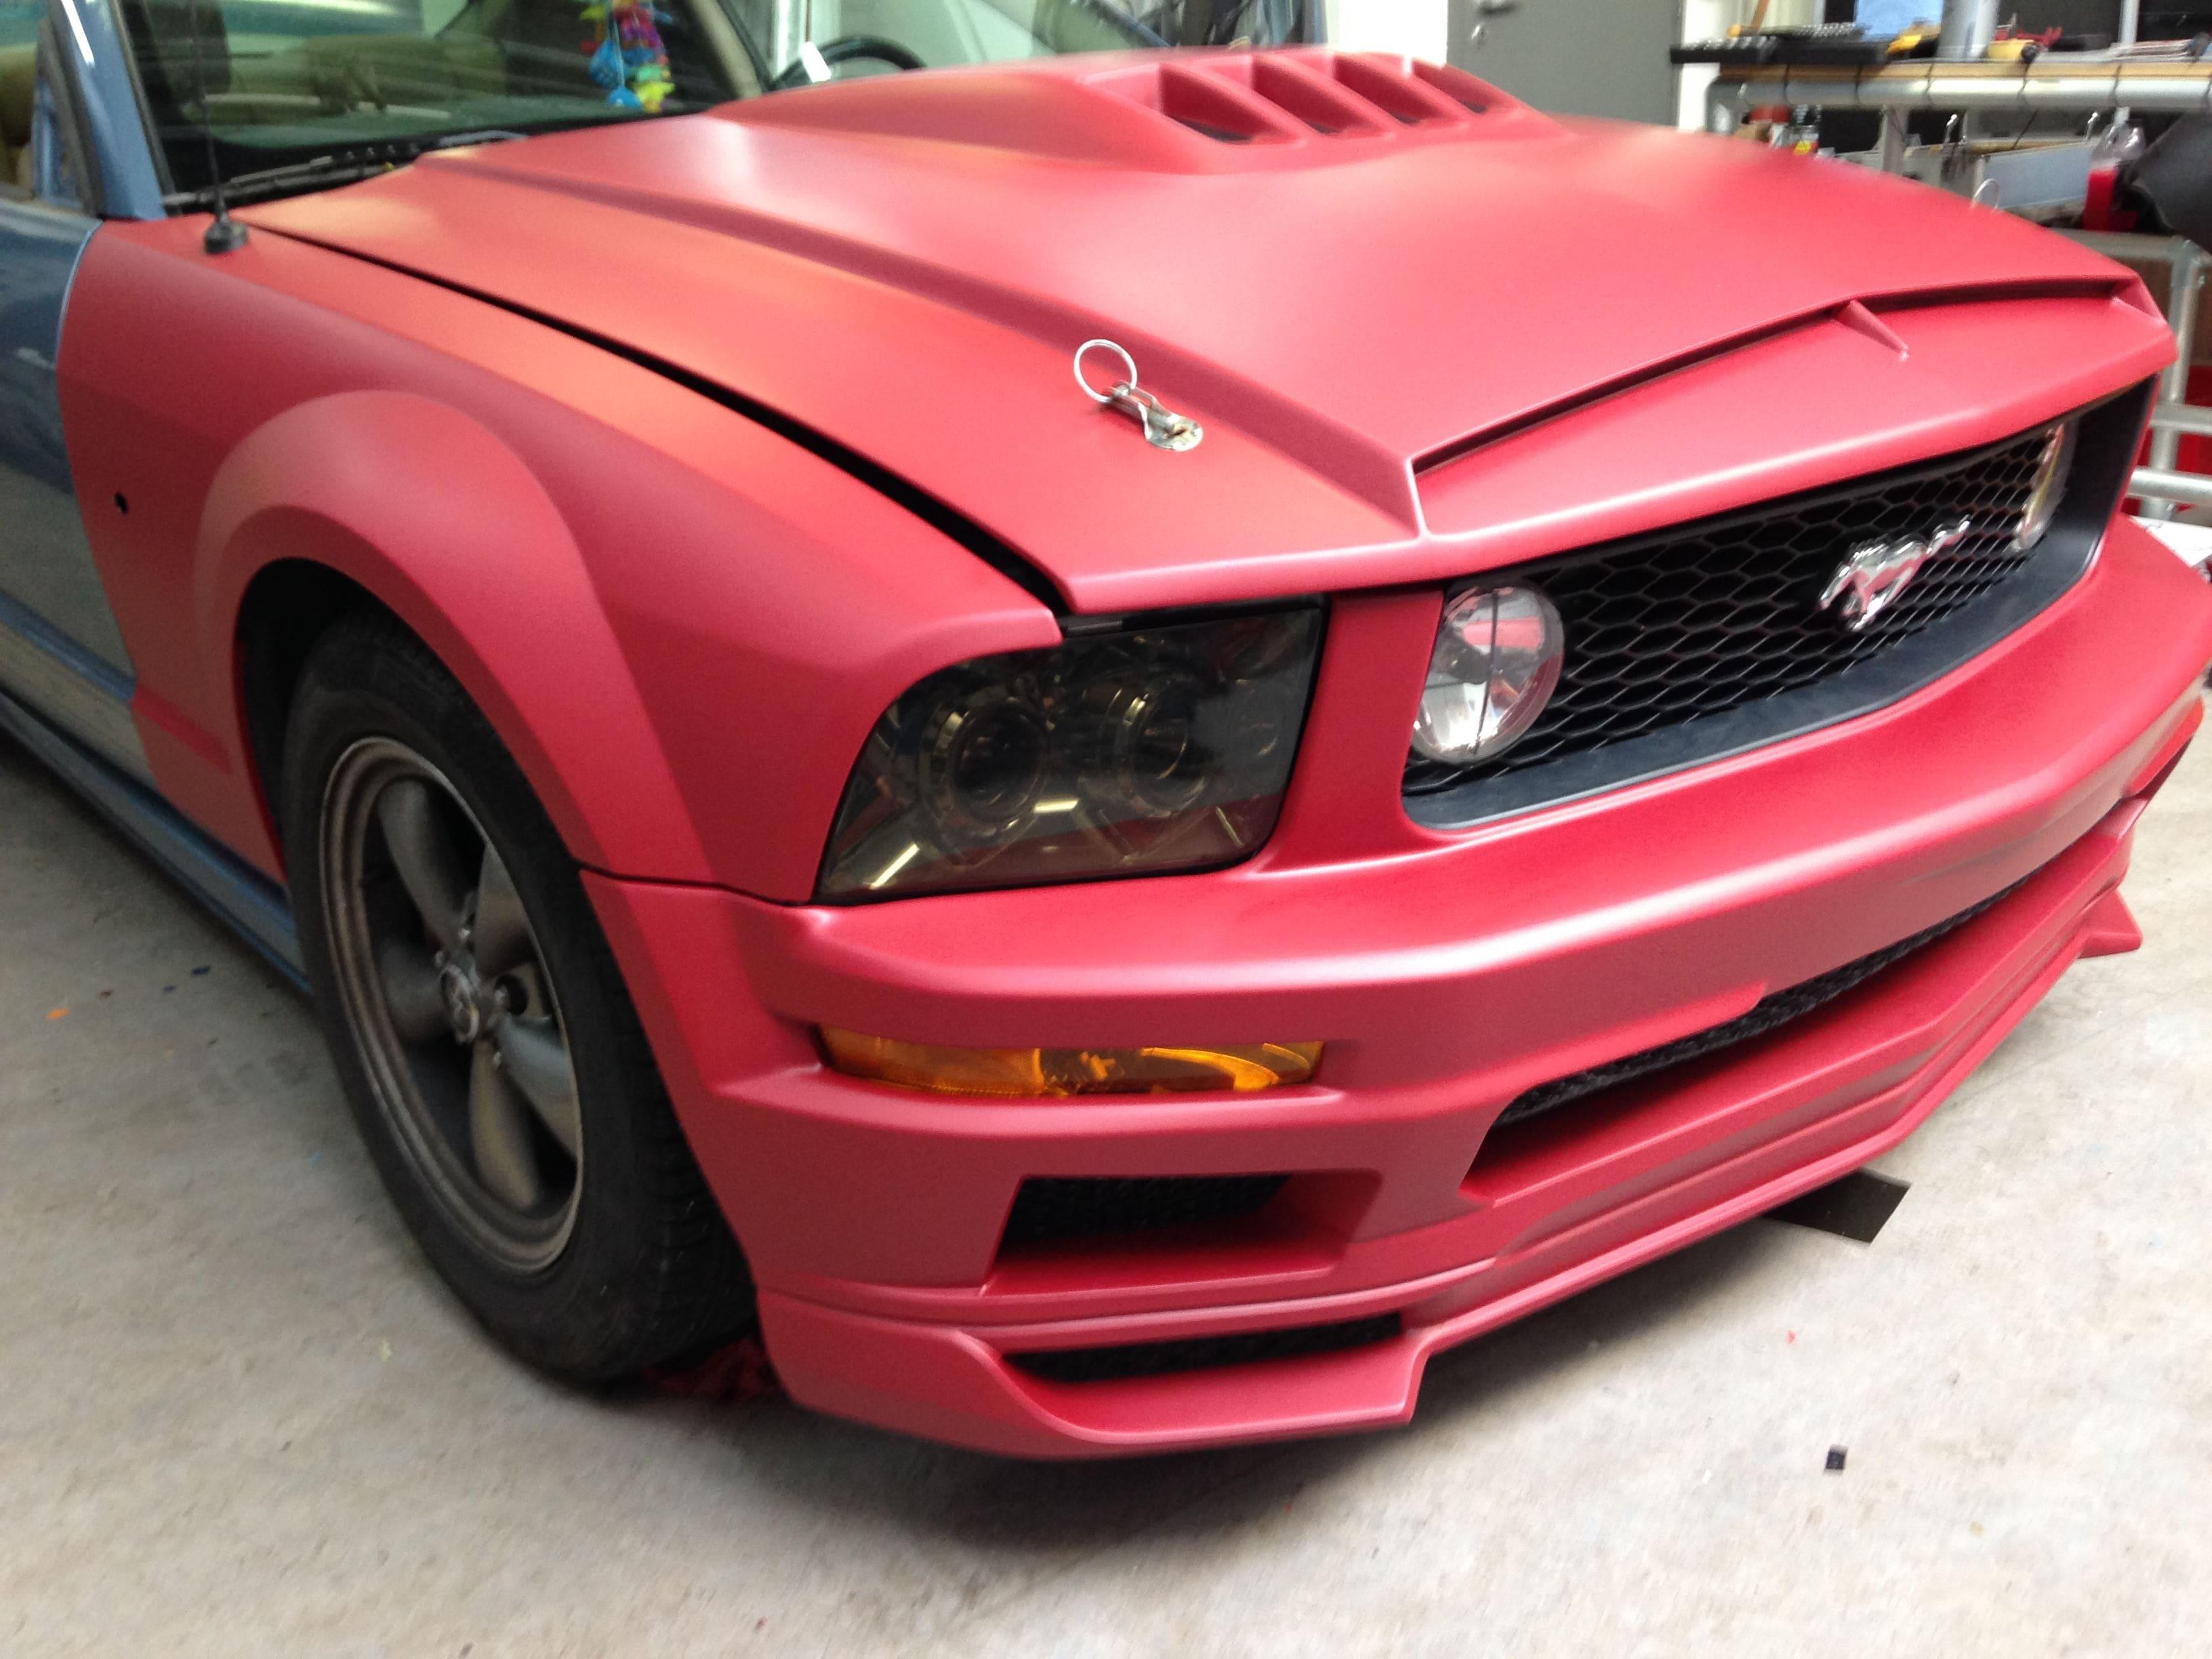 Ford Mustang 2009 met Mat Rode wrap, Carwrapping door Wrapmyride.nu Foto-nr:5823, ©2020